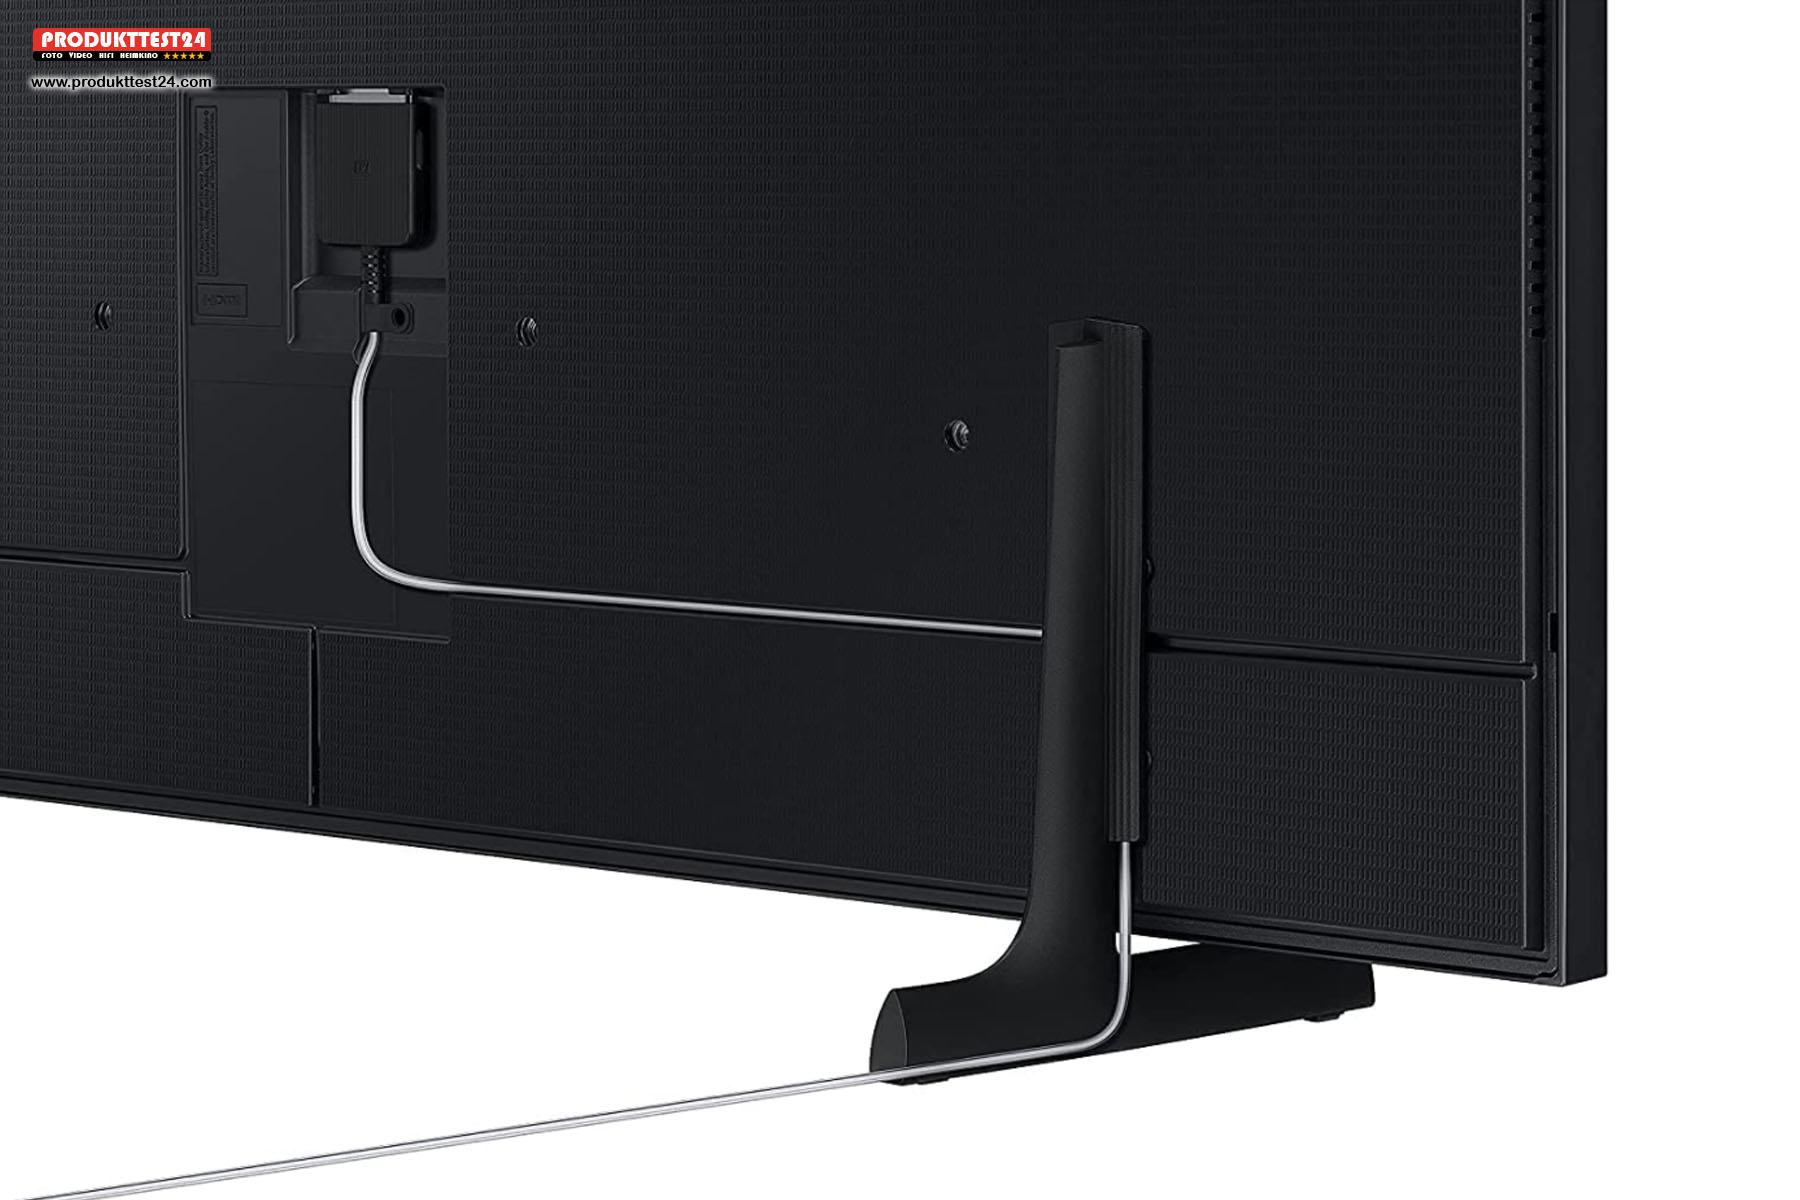 Ein dünnes Kabel versorgt den Fernseher mit der One-Connect-Box